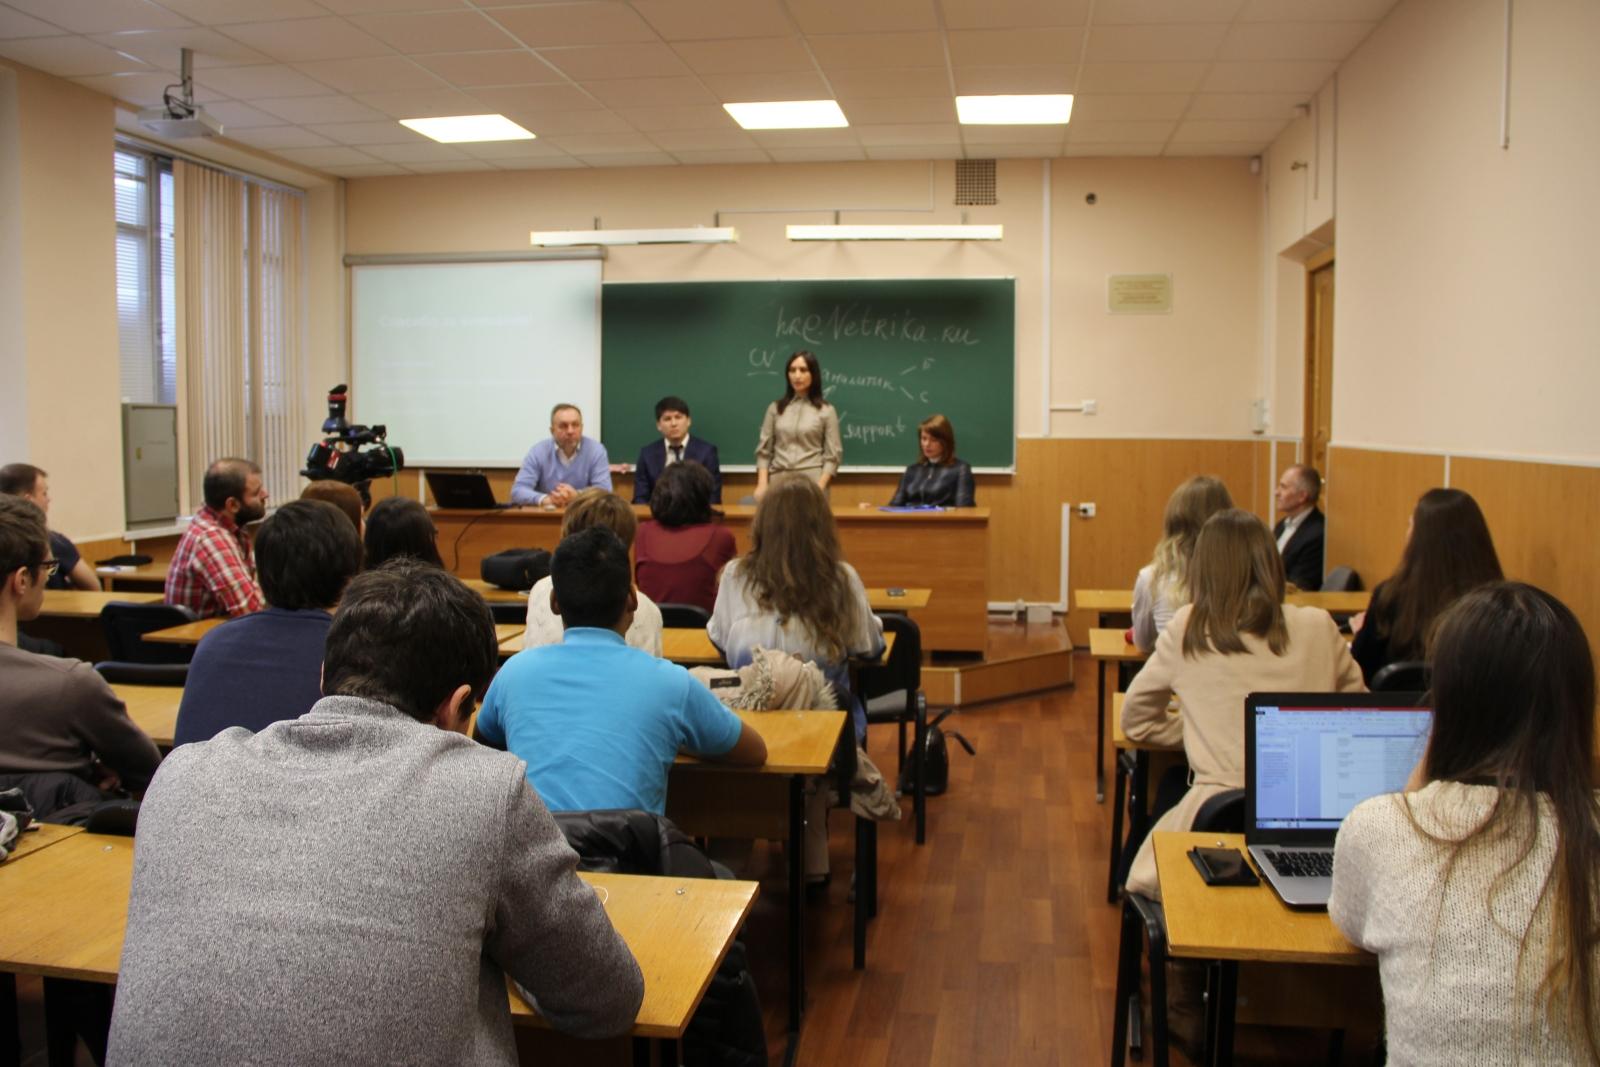 Информационные системы в помощь здравоохранению: интеграция образования и реального бизнеса